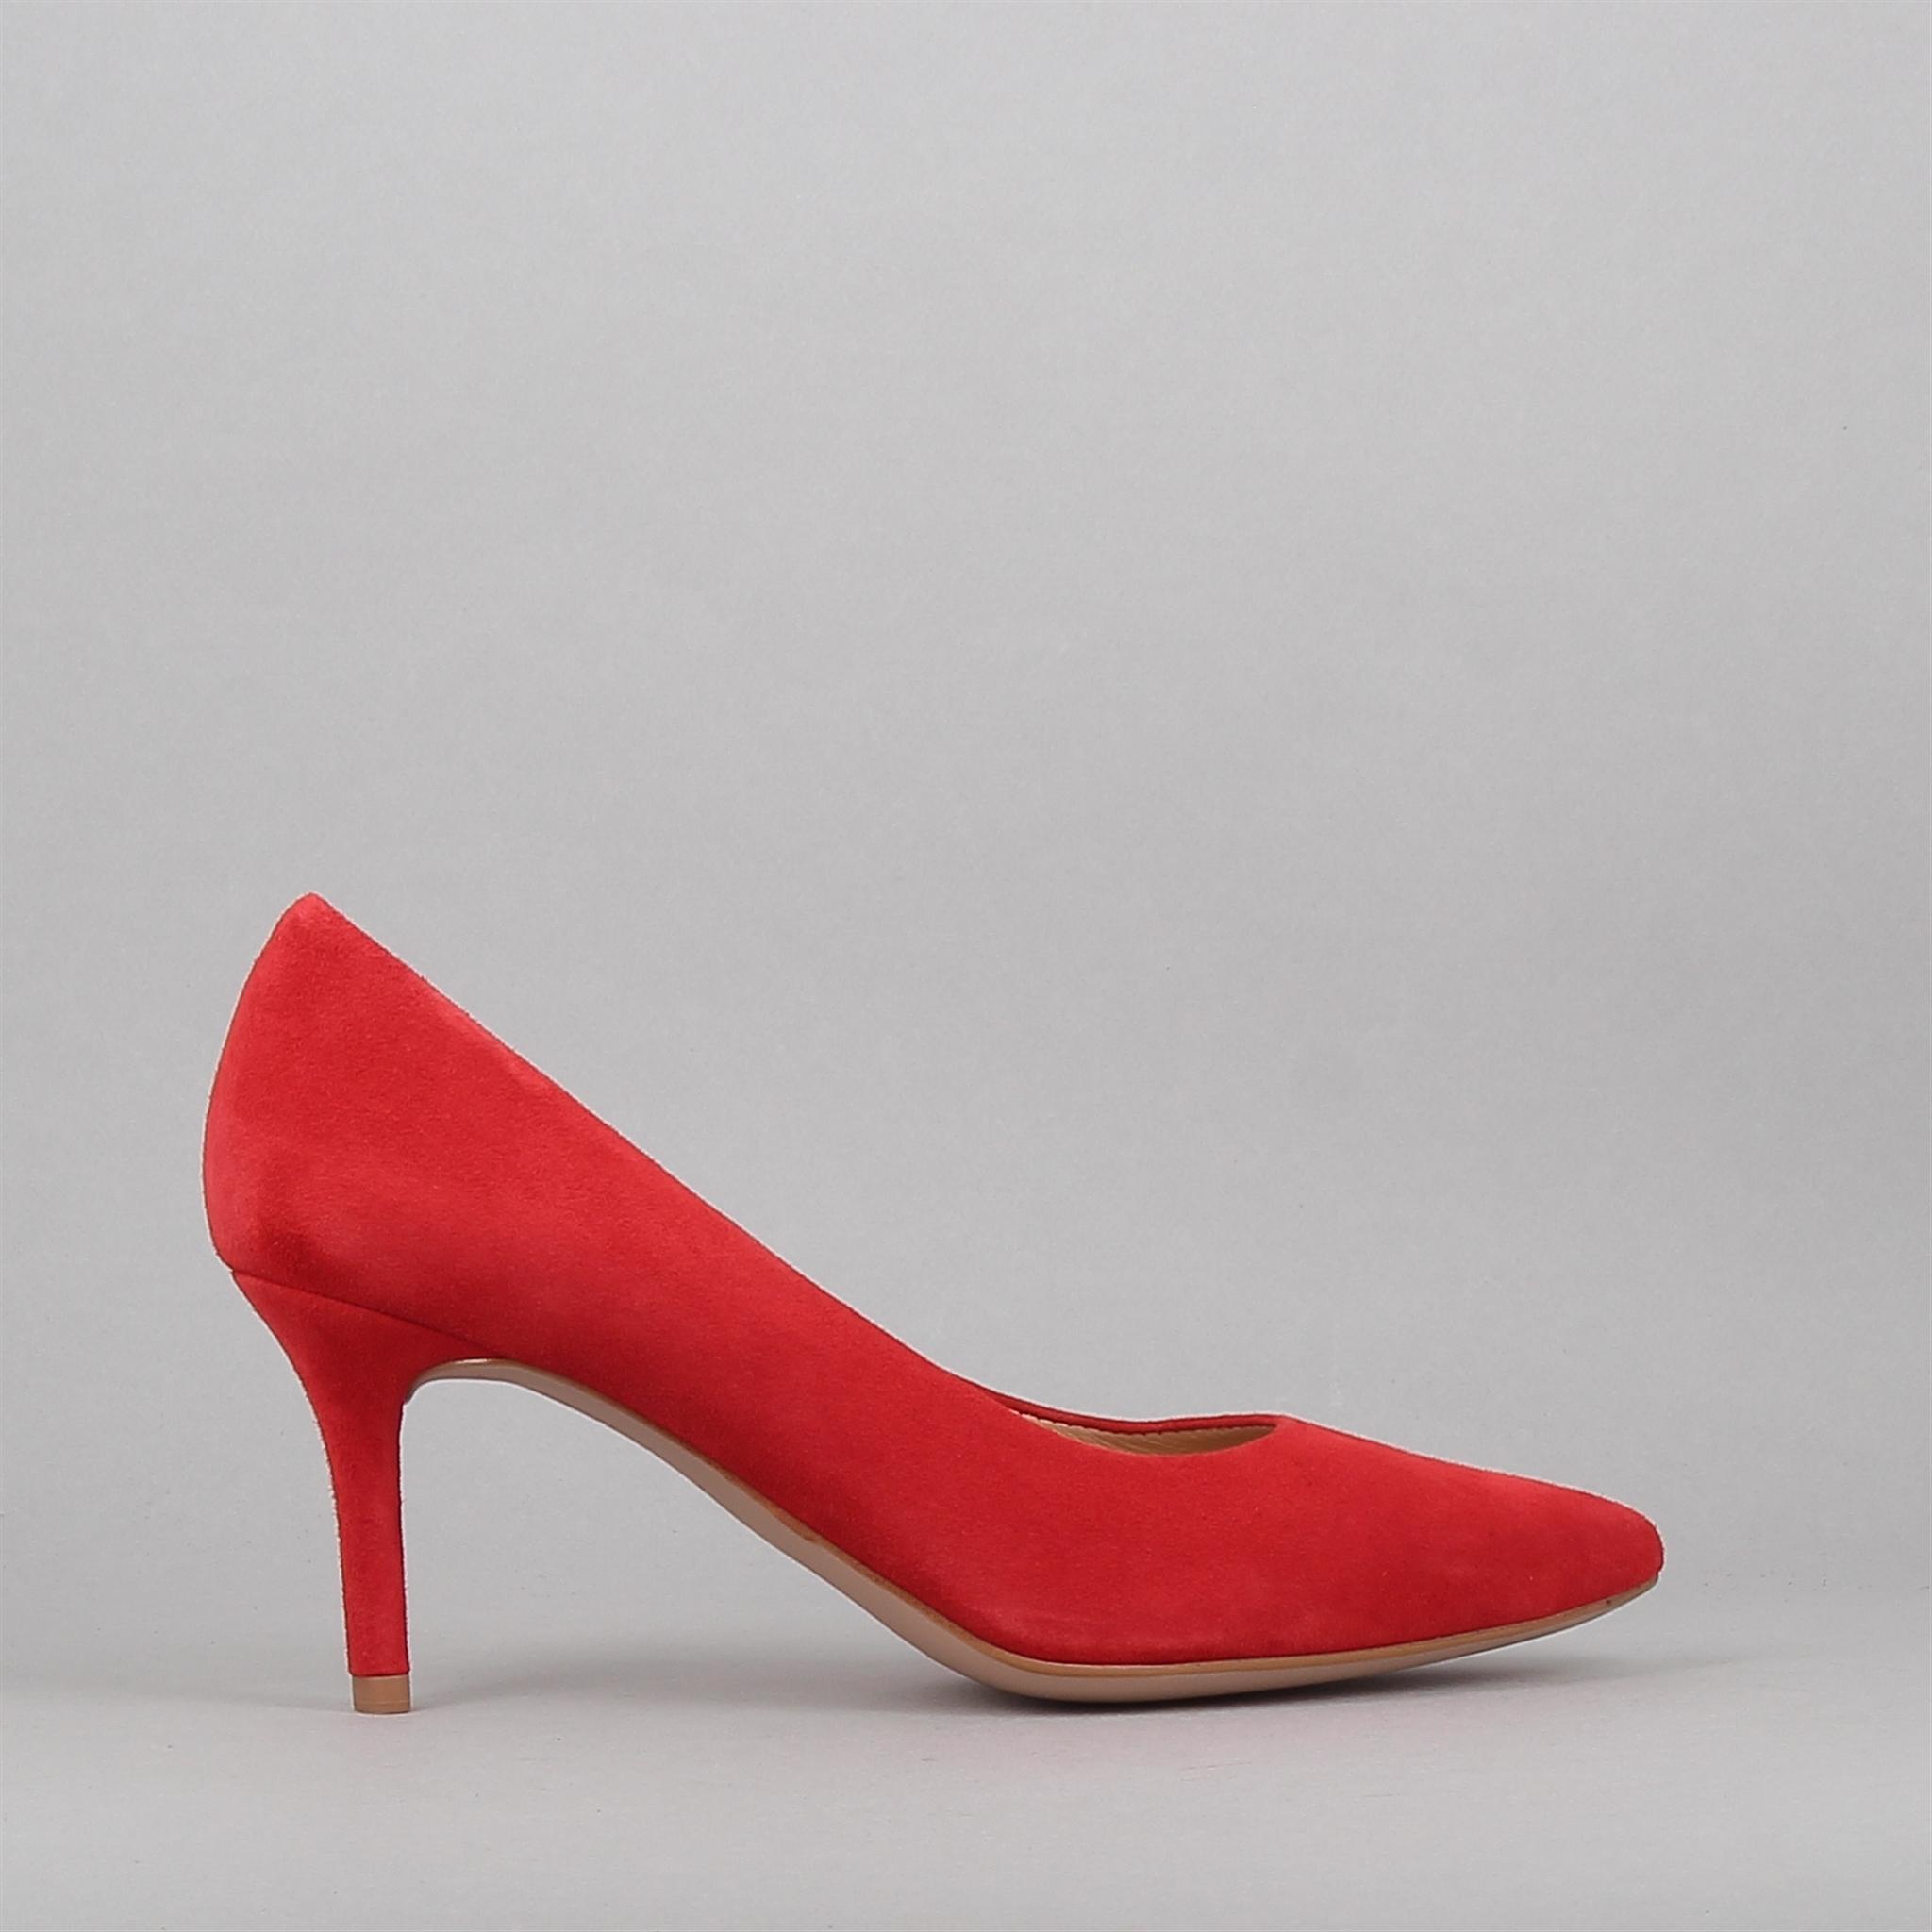 09ac1afe769 Escarpins féminins et glamour ⋆ Collection outremesure